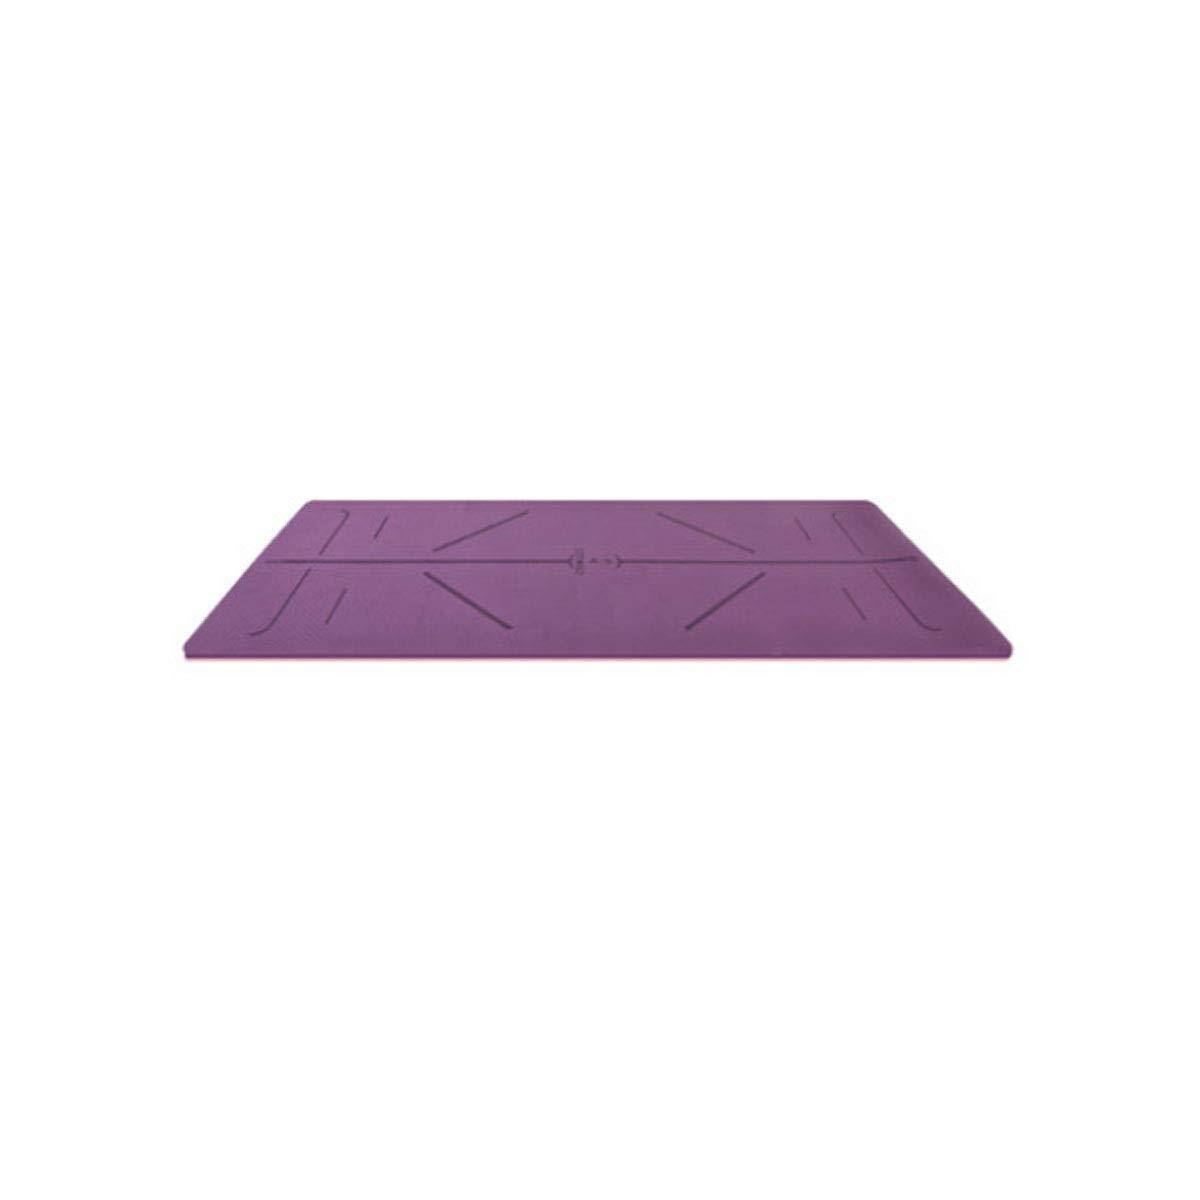 violet  Qiaoxianpo01 Tapis de Yoga, Tapis de Yoga Sportif avec Ligne du Corps, Tapis de Yoga Confortable et épaissi pour débutants, Cadeau (73,2  32 Pouces, 6 mm, Bleu, Rose, Violet) L'atmosphère